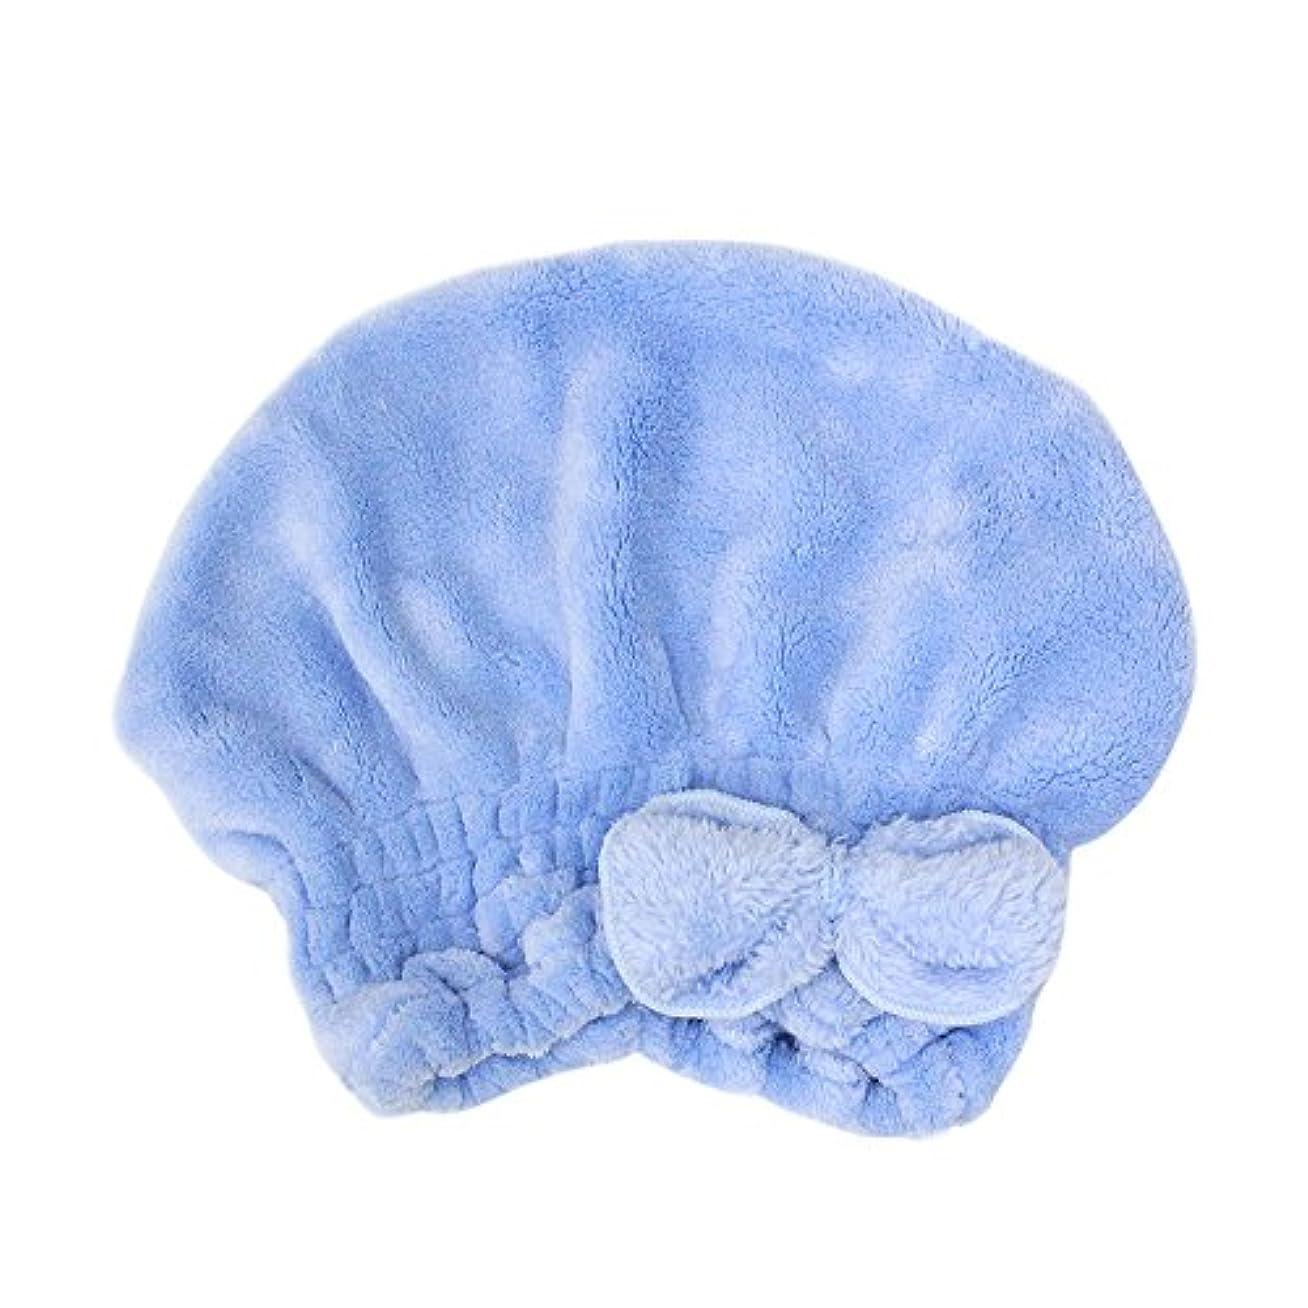 余計な分免除するキャップ プール タオルキャップ タオル 帽子 吸水性抜群 プール お風呂 ドライキャップ 風呂上りシャワー 速乾 時短ドライ ヘアキャップ スイミング キッズ 子ども 女の子 大人女子 6color (ブルー)